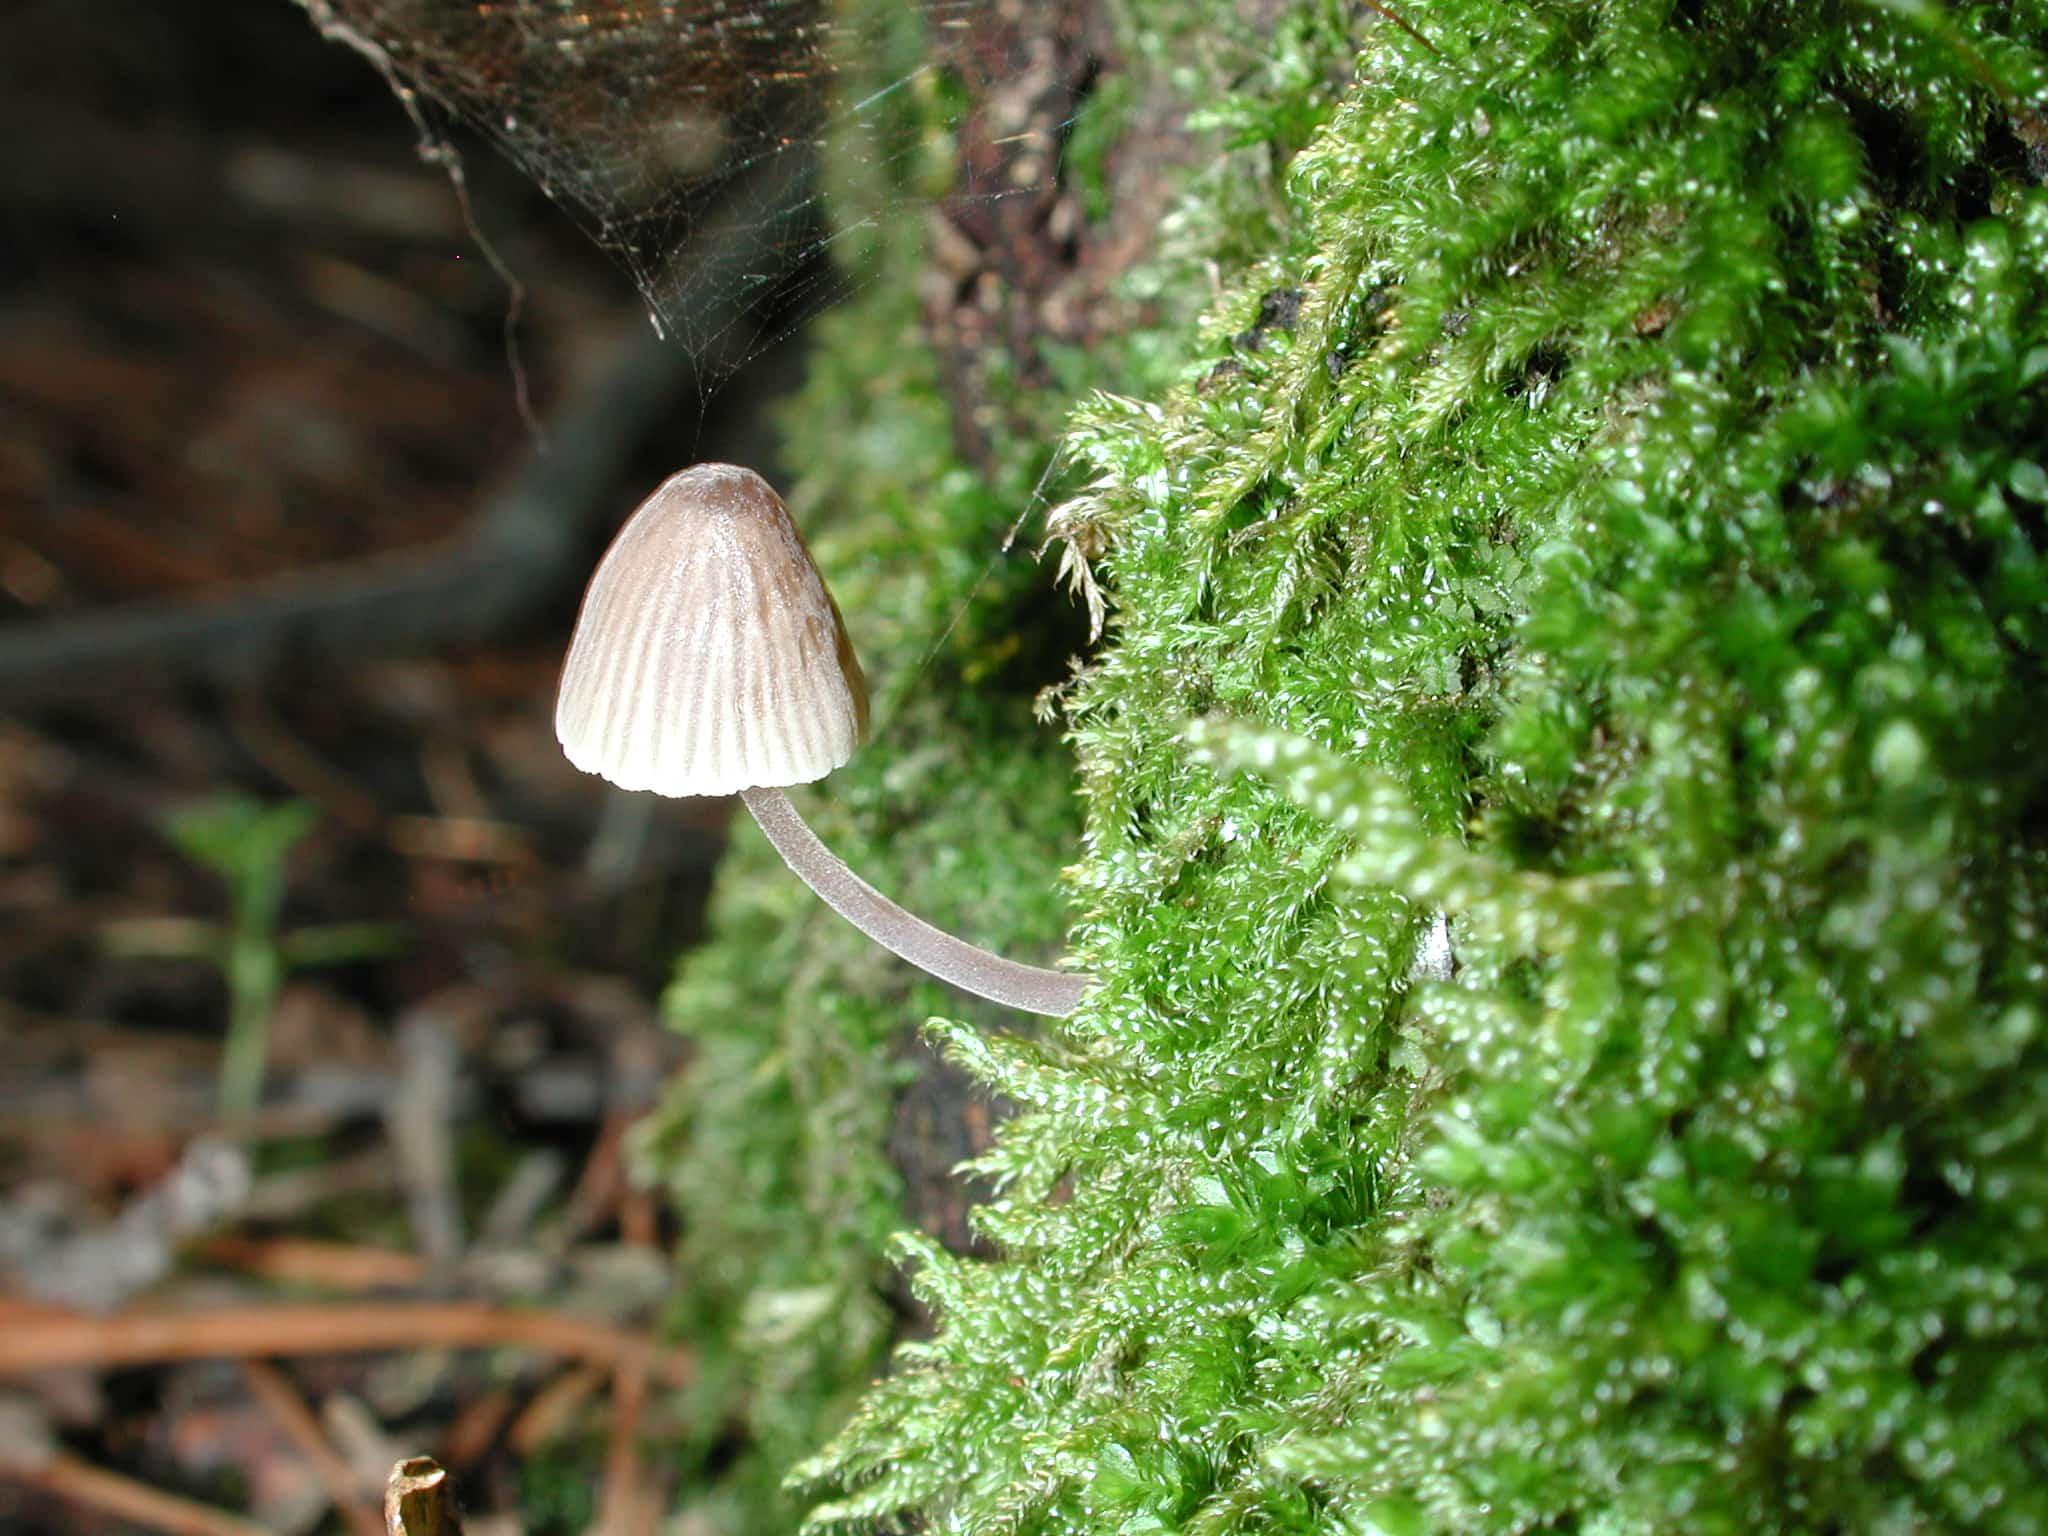 Fagyasztott gombák fagyasztása. A gombák megfelelő fagyasztása. Kemencében sült gombák fagyasztása